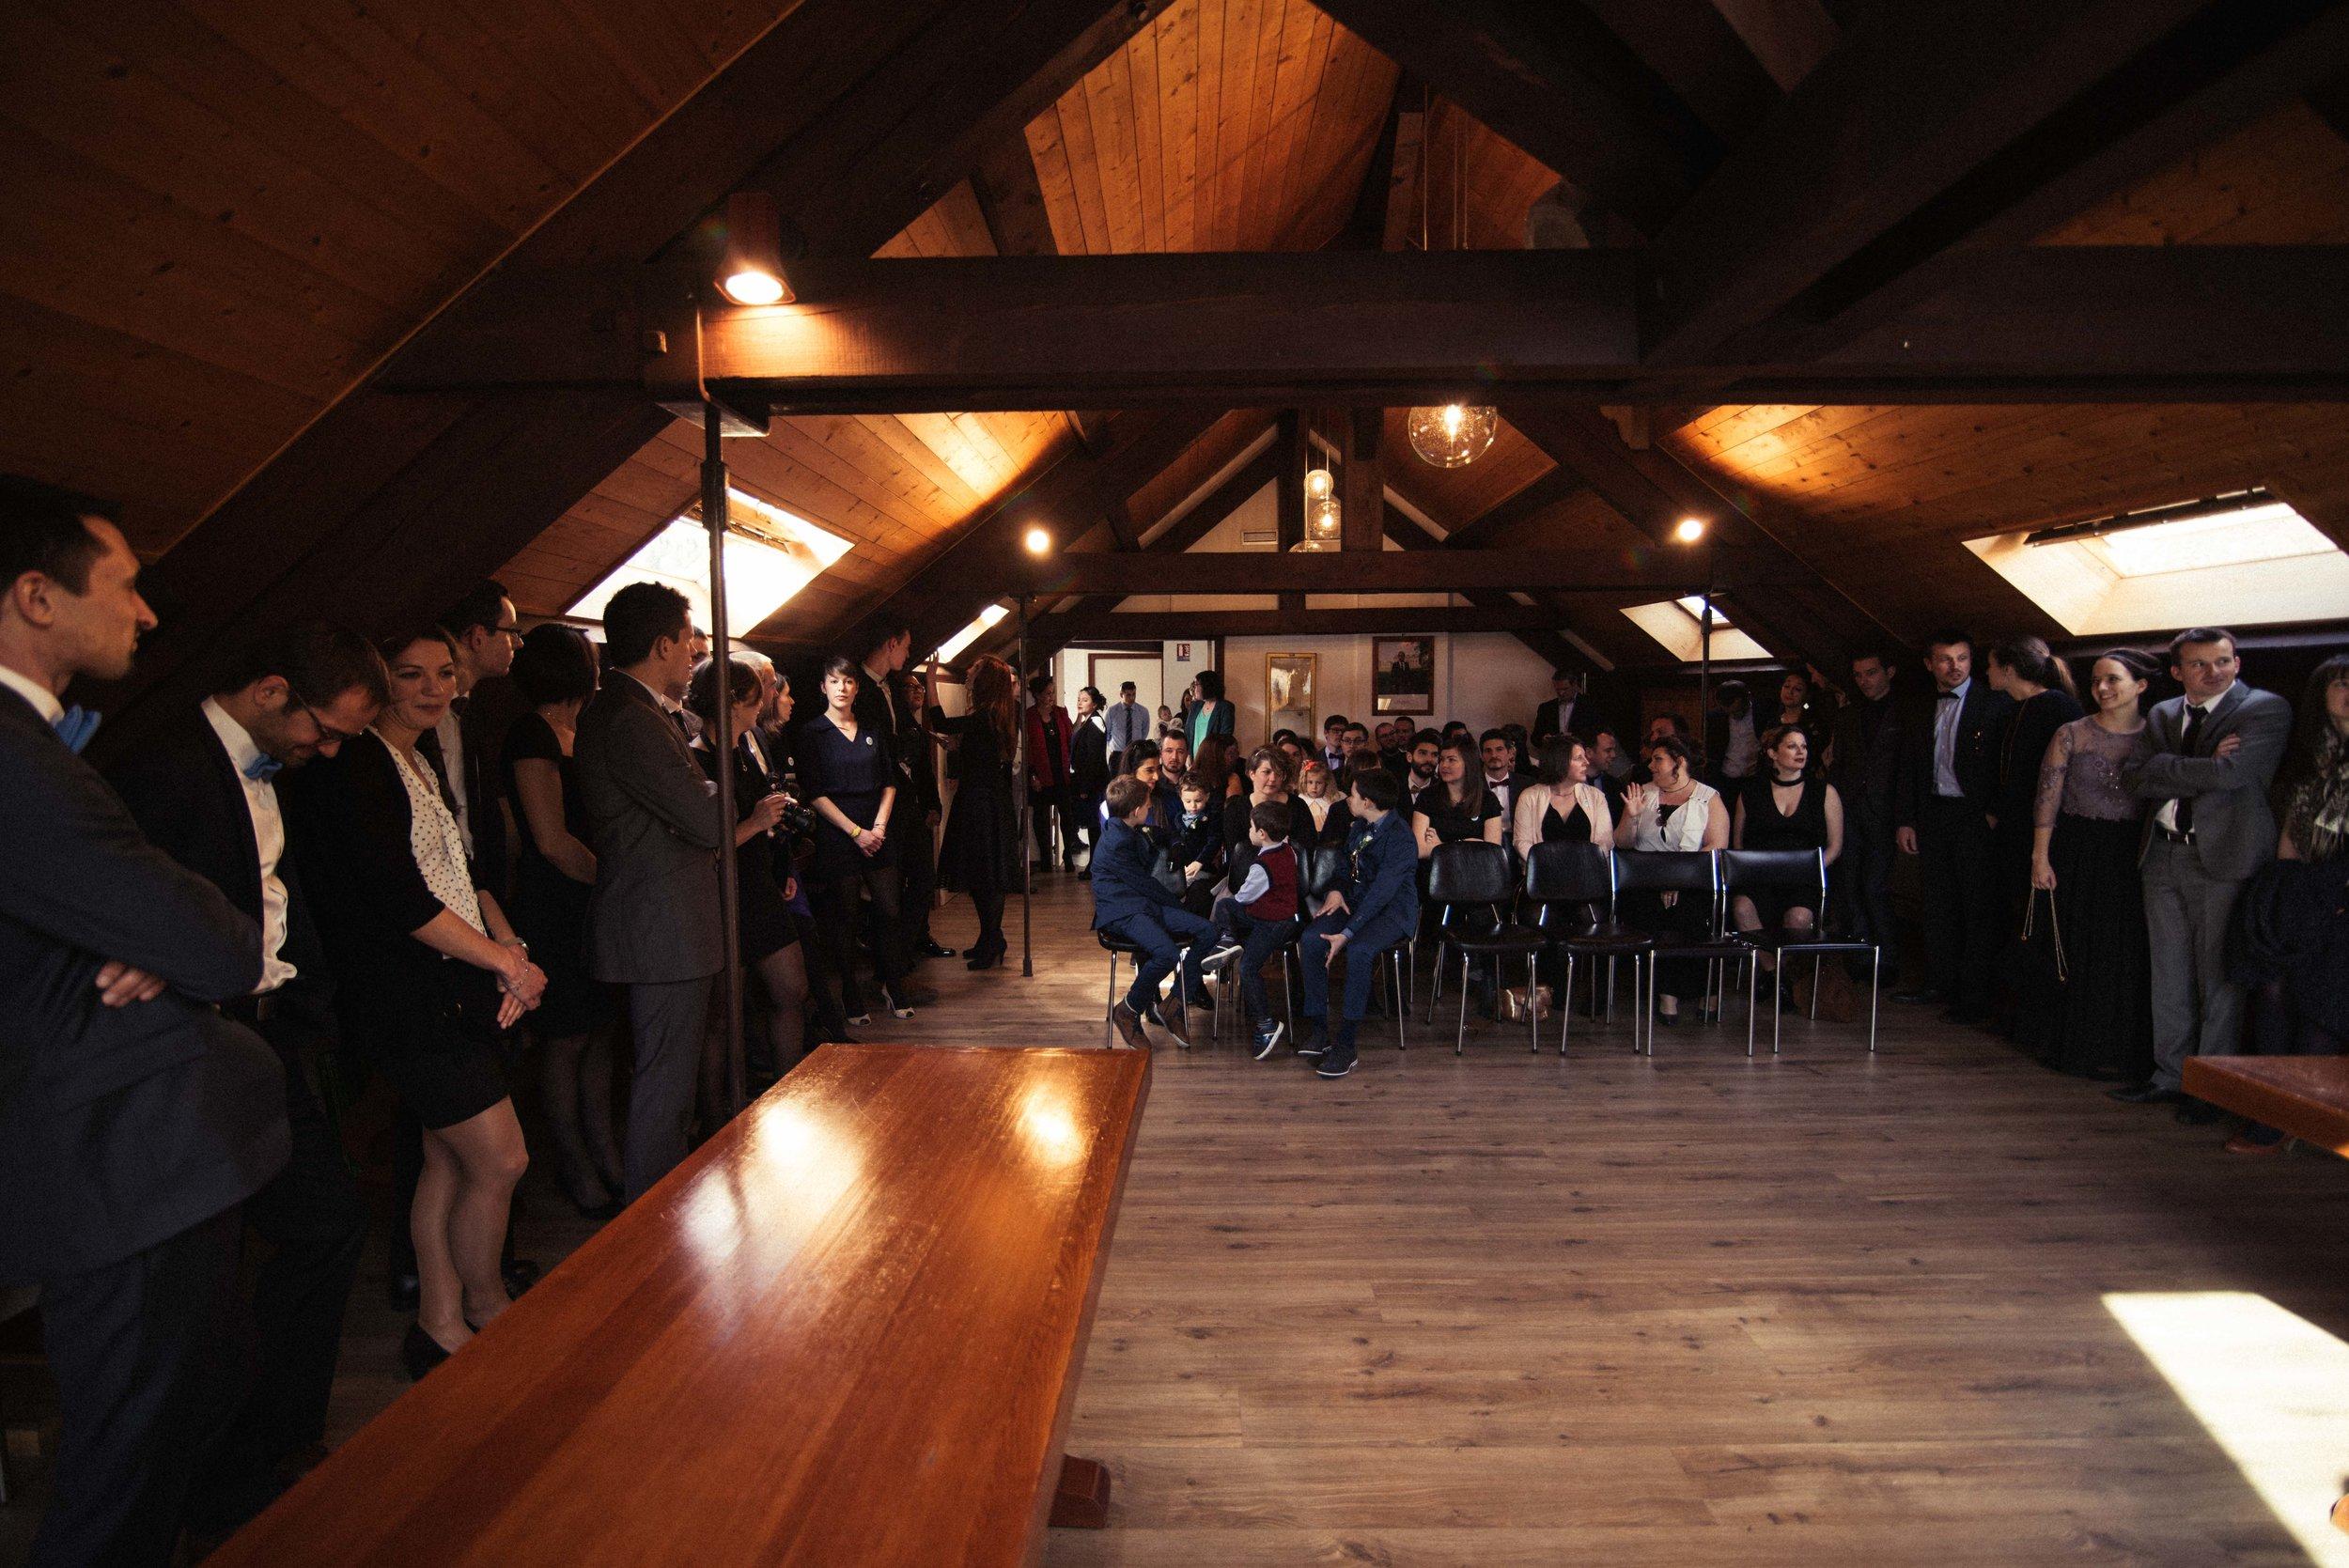 Léa-Fery-photographe-professionnel-lyon-rhone-alpes-portrait-mariage-couple-amour-lovesession-engagement-elopment-2166.jpg